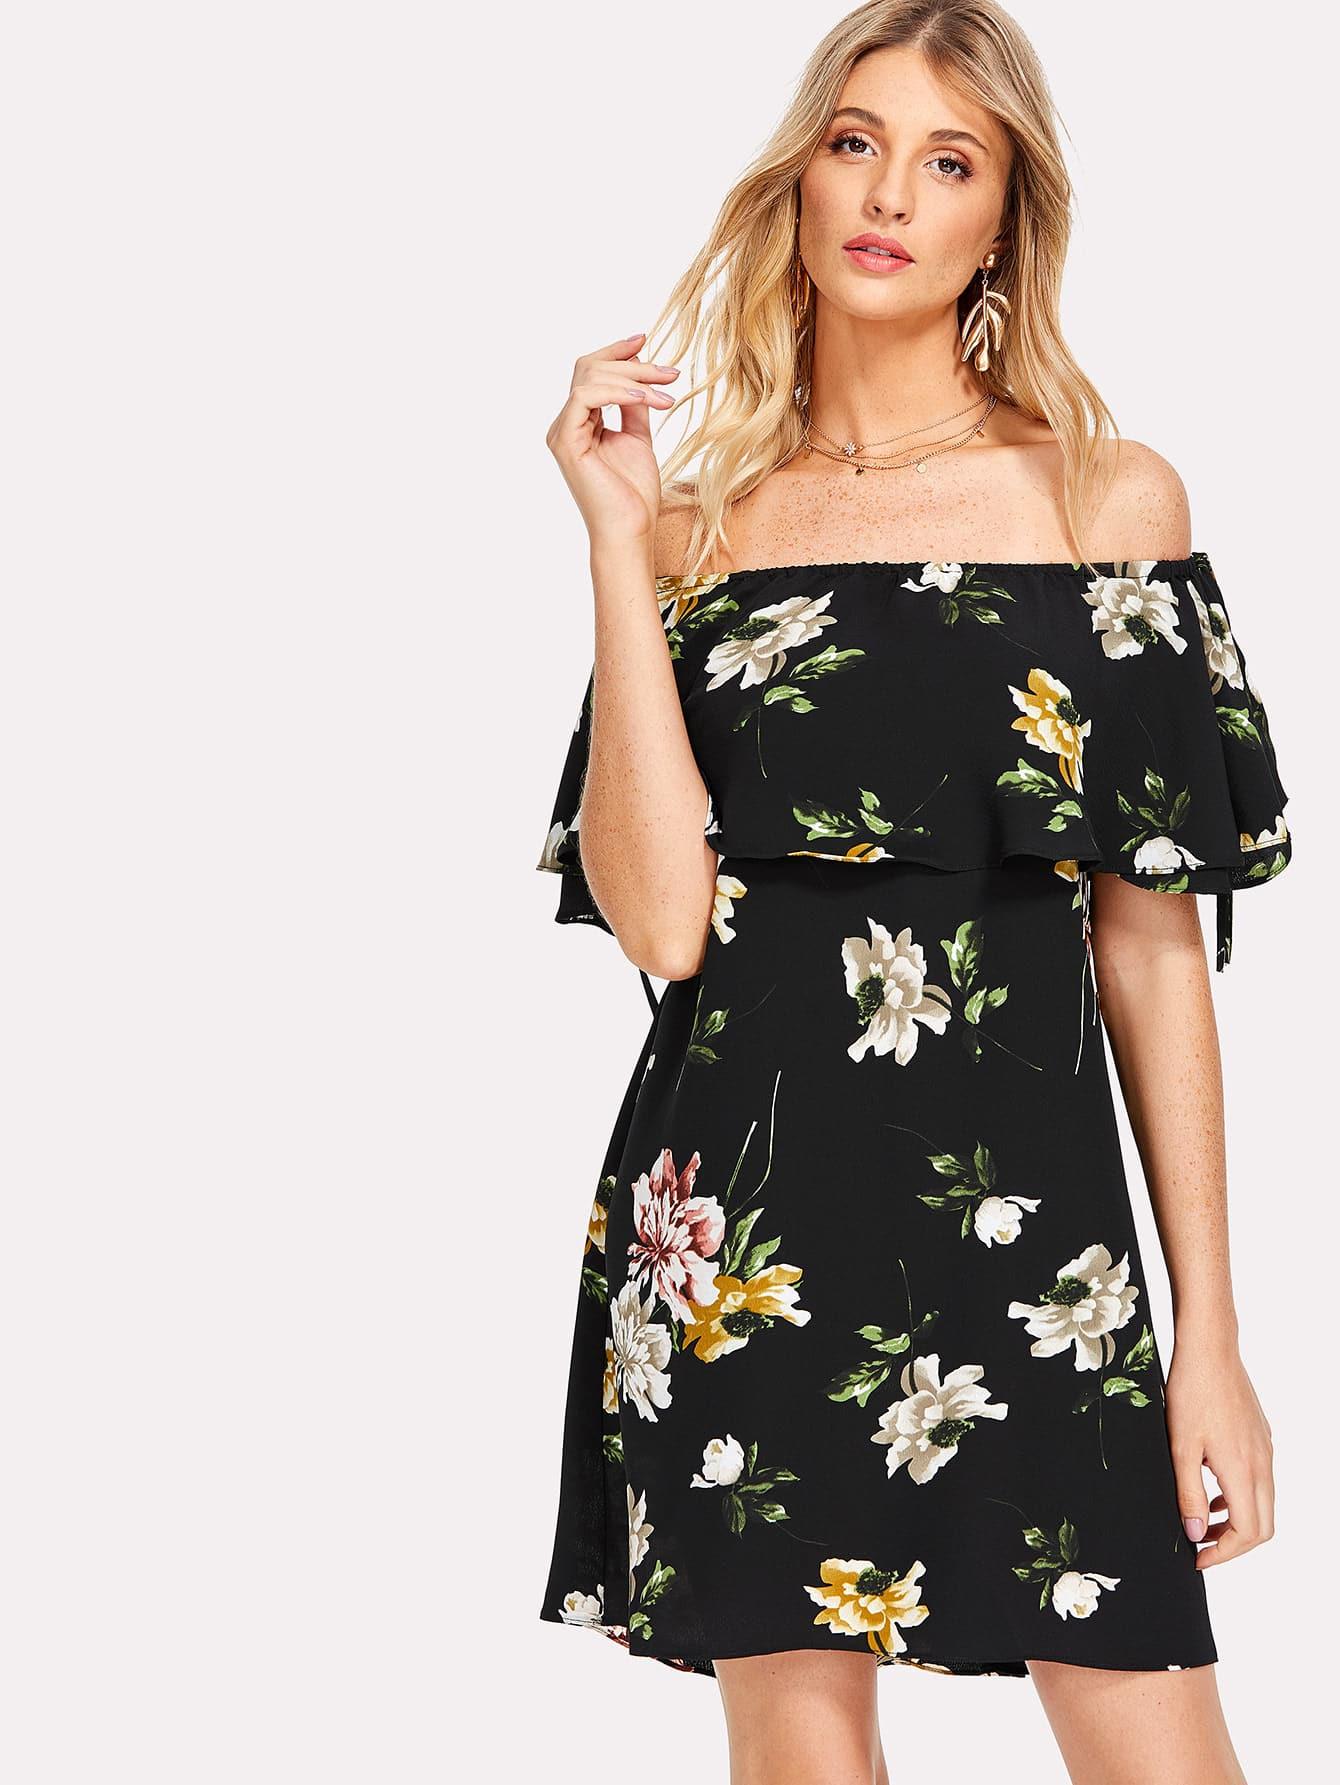 Floral Flounce Bardot Dress floral flounce bardot dress